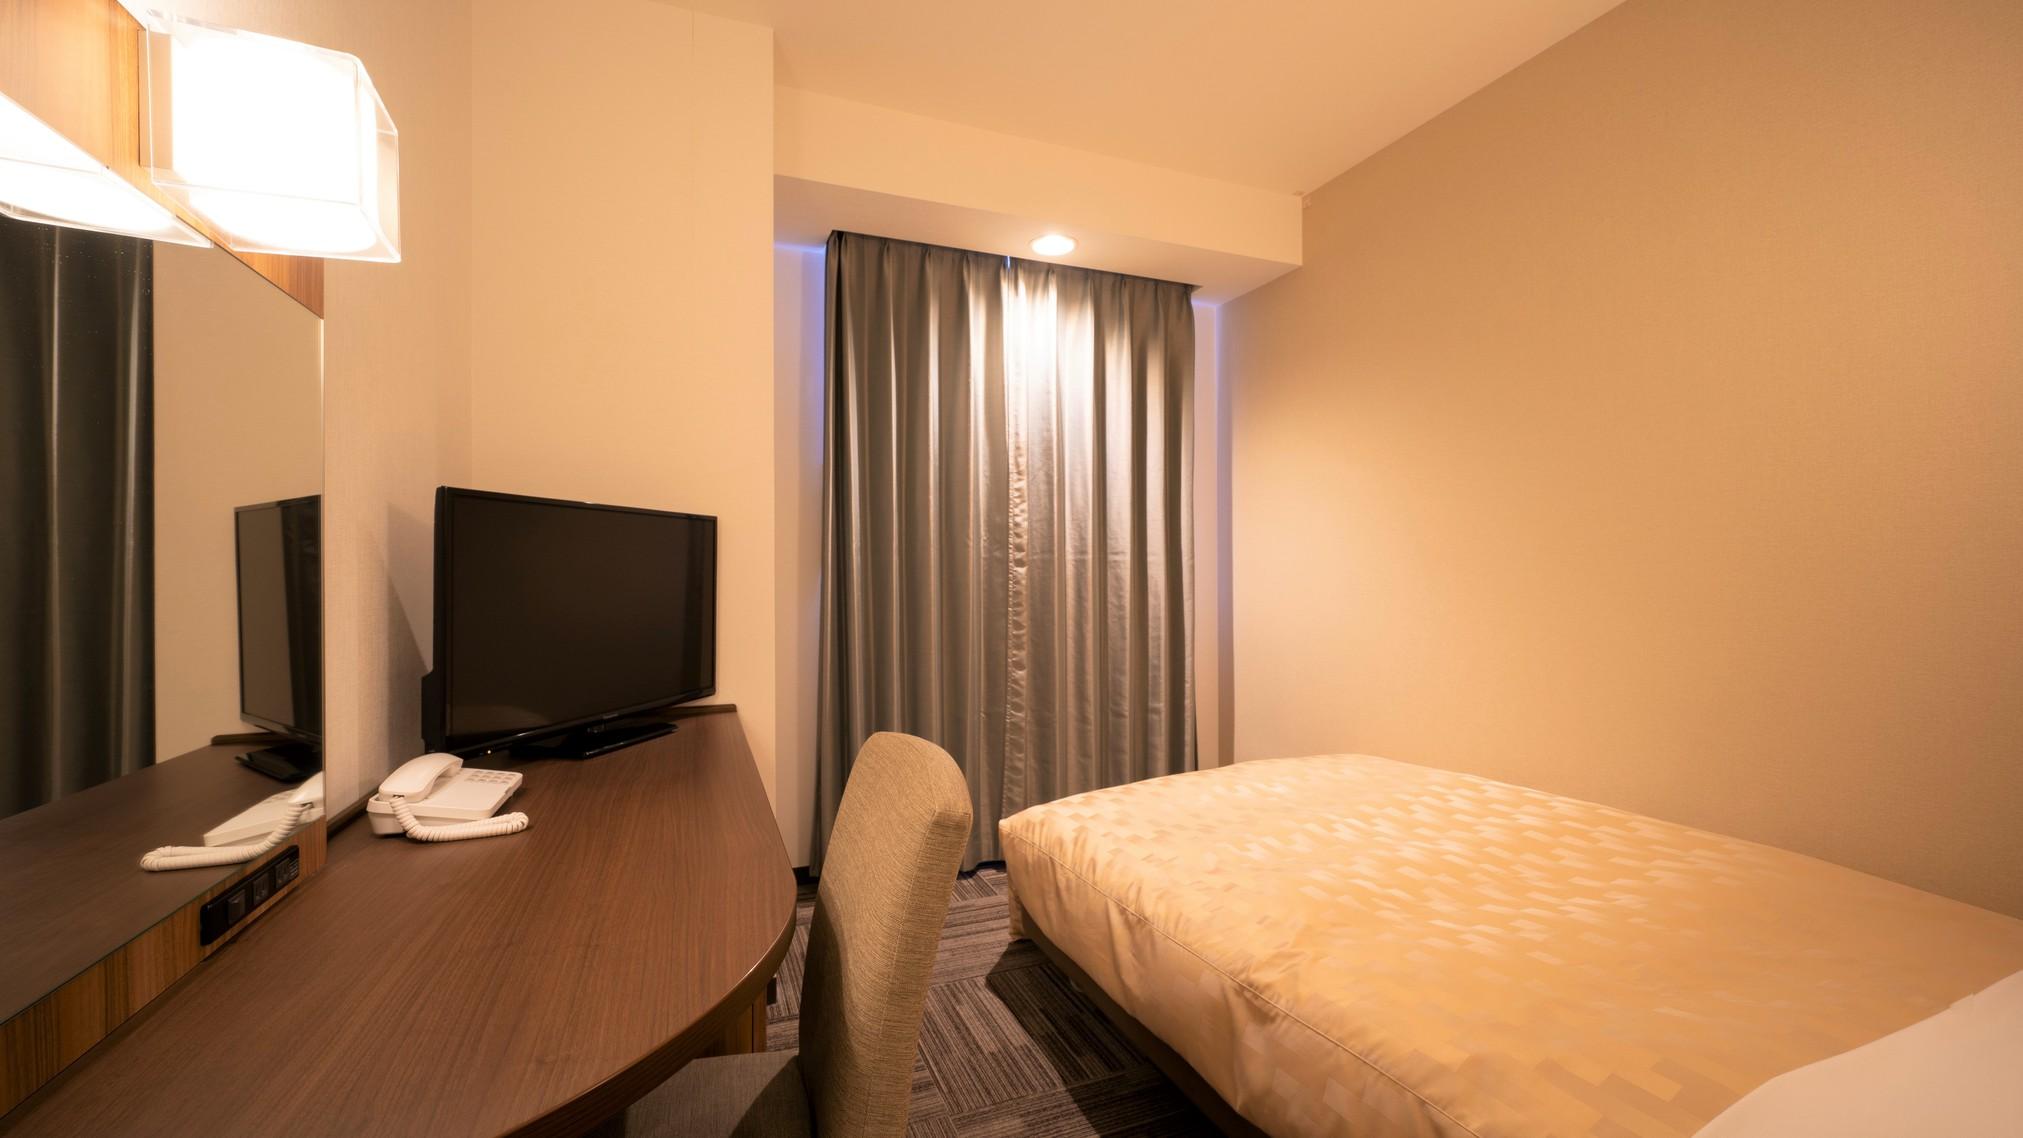 ベッドには静かな寝心地のポケットコイルマットレスを採用致しております。シングル 禁煙【夜】